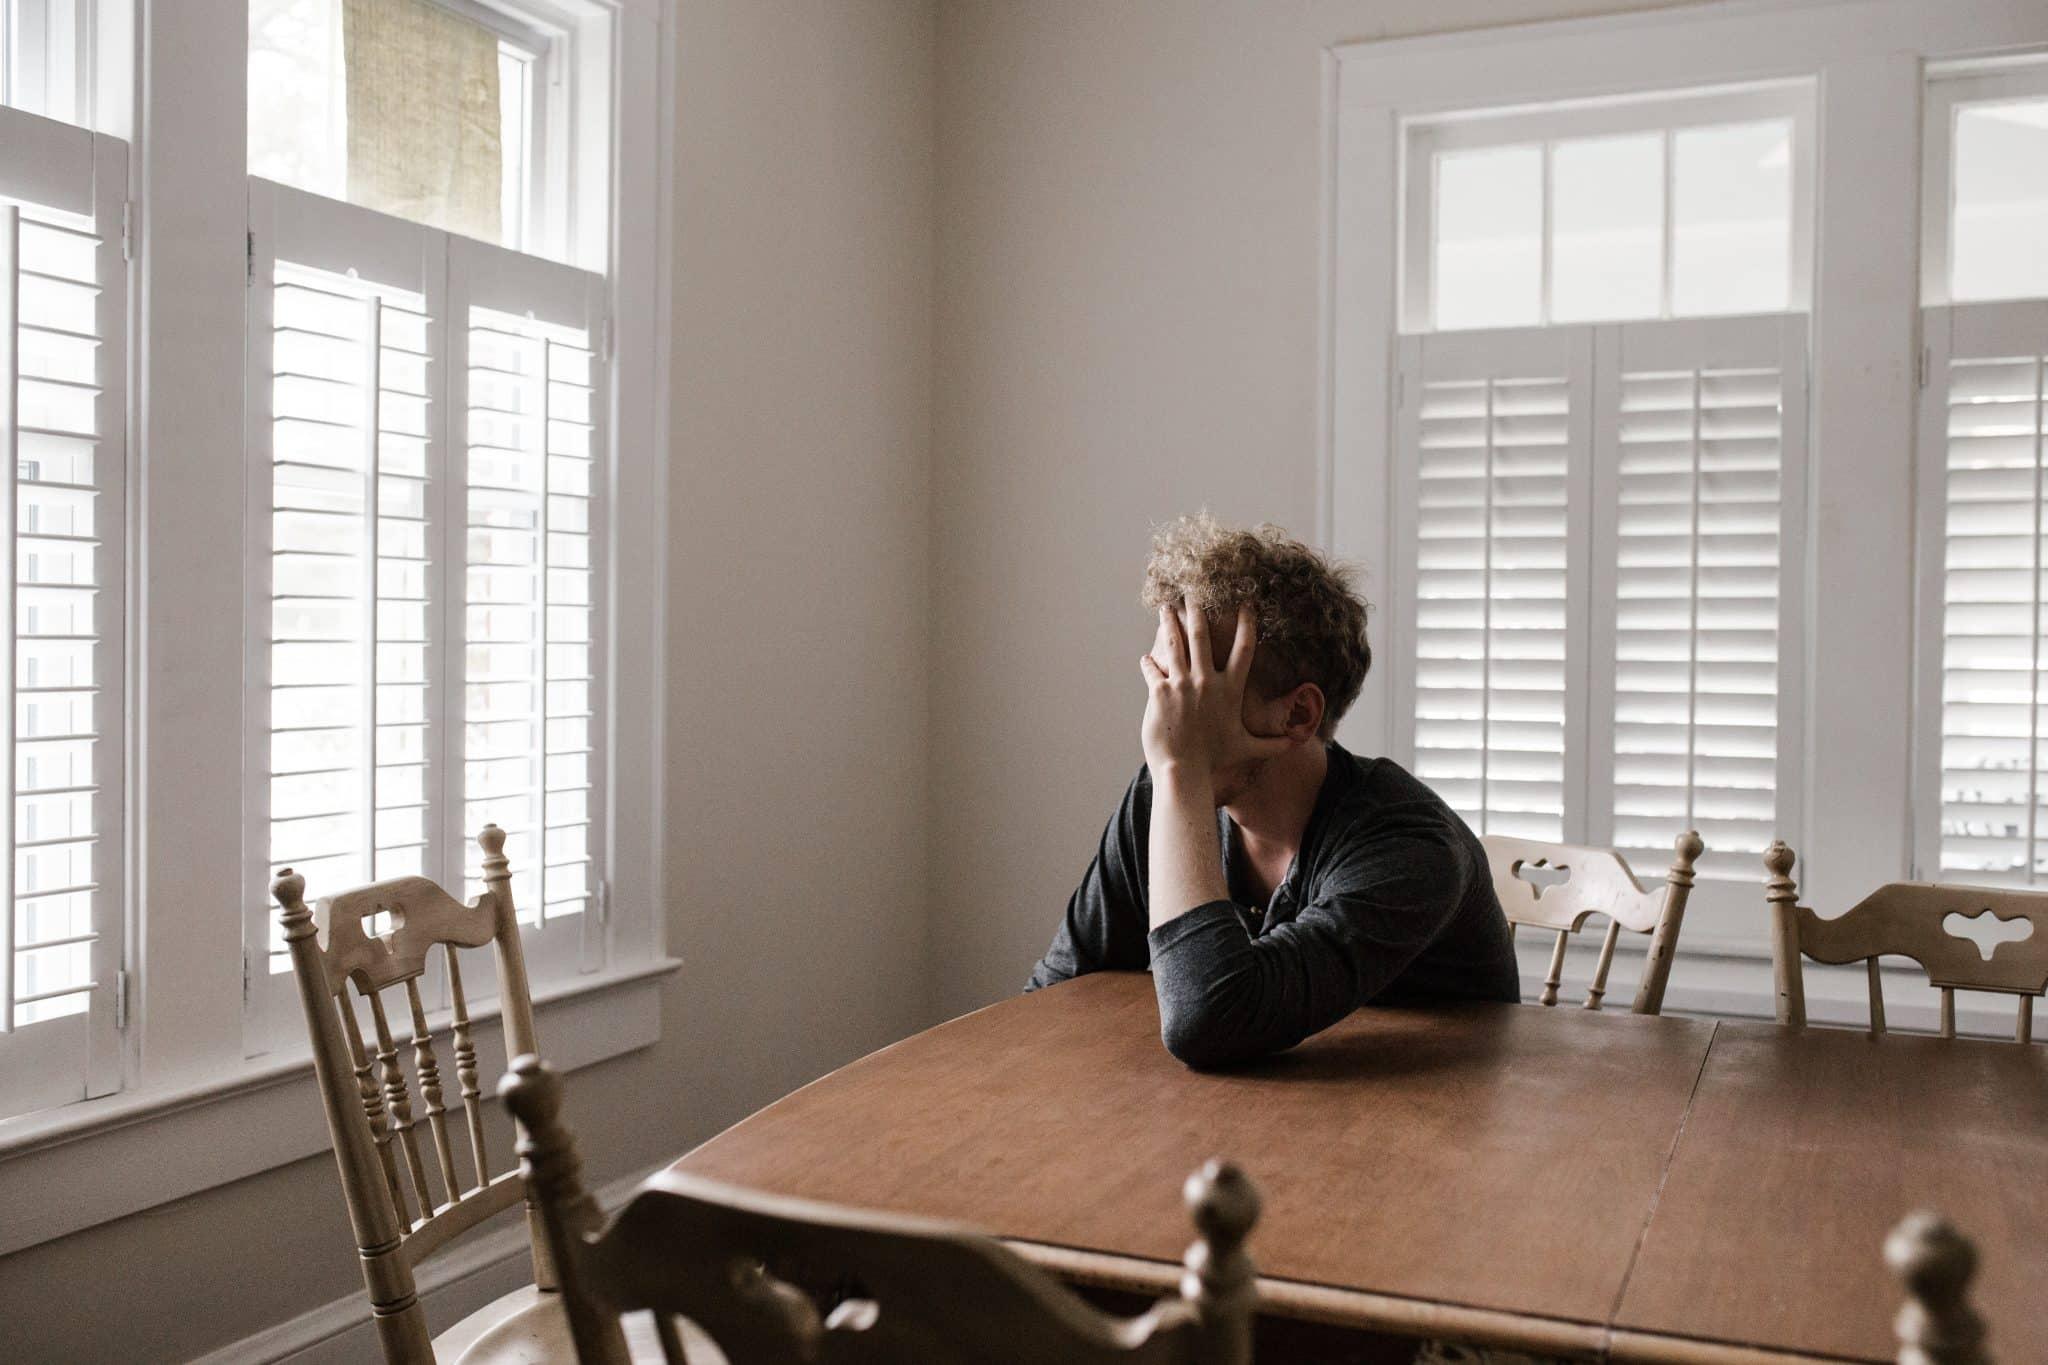 Bipolární afektivní porucha: Jsem každou chvíli někdo jiný 6